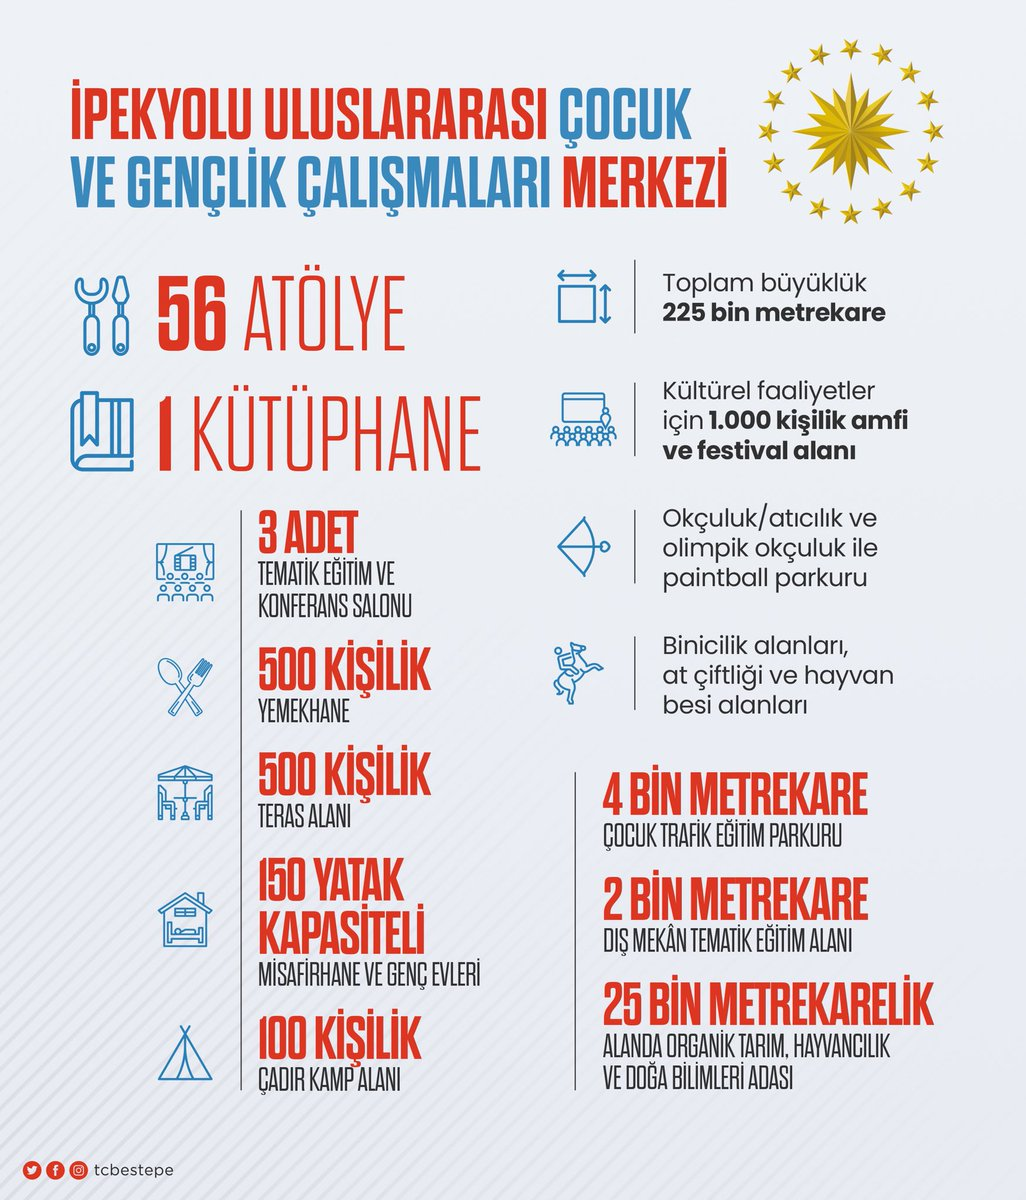 Cumhurbaşkanı @RTErdogan tarafından Elâzığ'da resmî açılışı gerçekleştirilen, fiziki olarak Türkiye'nin ve Avrupa'nın en büyüğü olma özelliğini taşıyan İpekyolu Uluslararası Çocuk ve Gençlik Çalışmaları Merkezi'nin ülkemize, milletimize ve gençlerimize hayırlı olmasını diliyoruz.